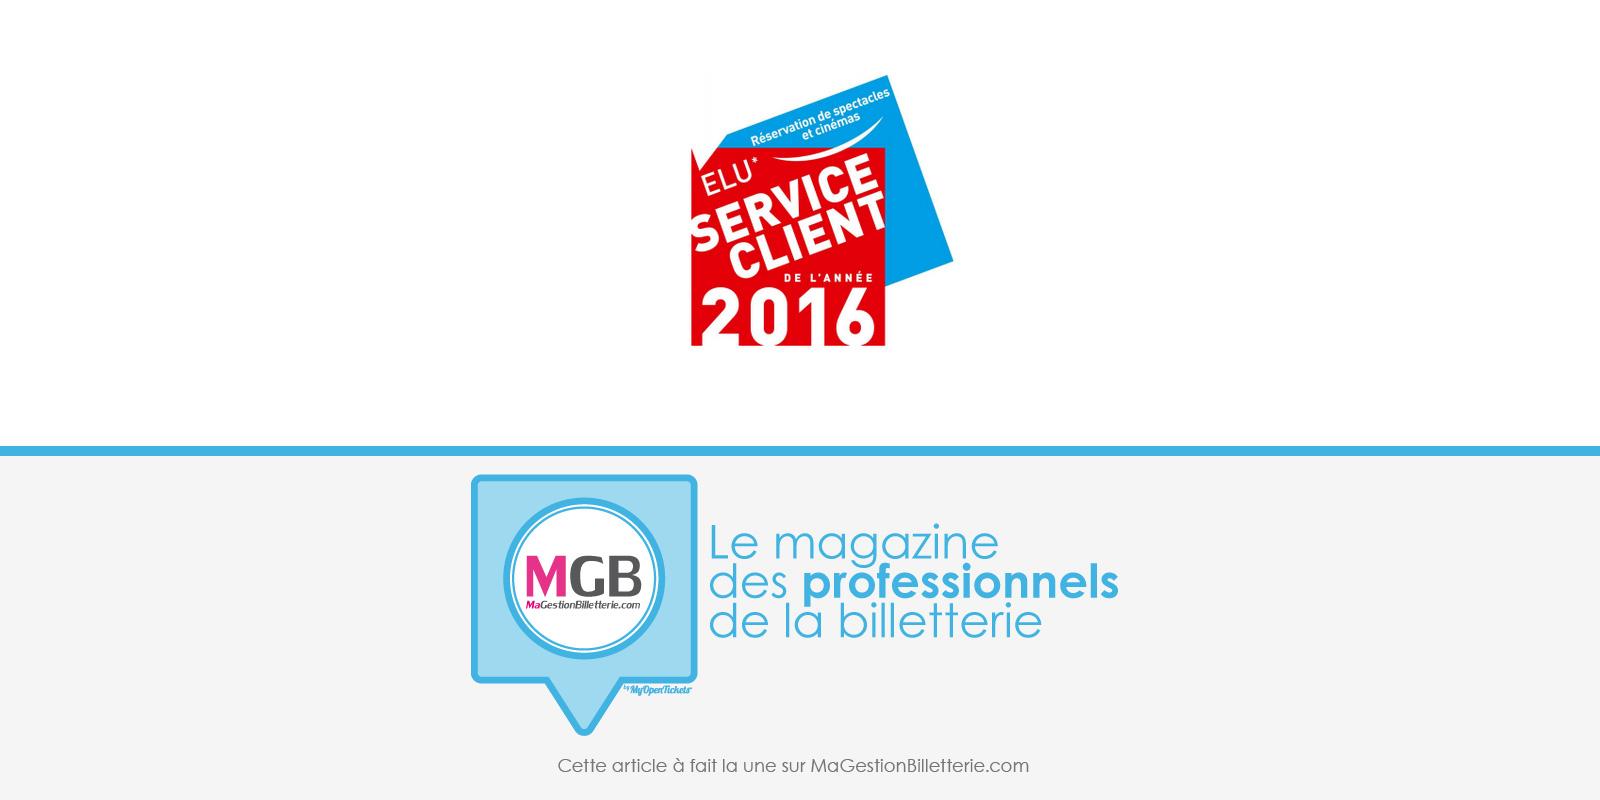 digitickcom-service-client2016-une4